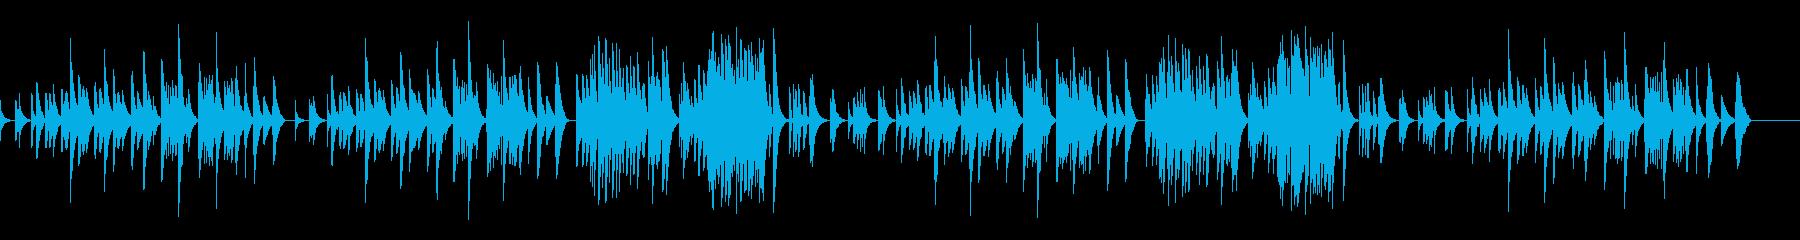 キラキラ星変奏曲(VarXⅠ)オルゴールの再生済みの波形